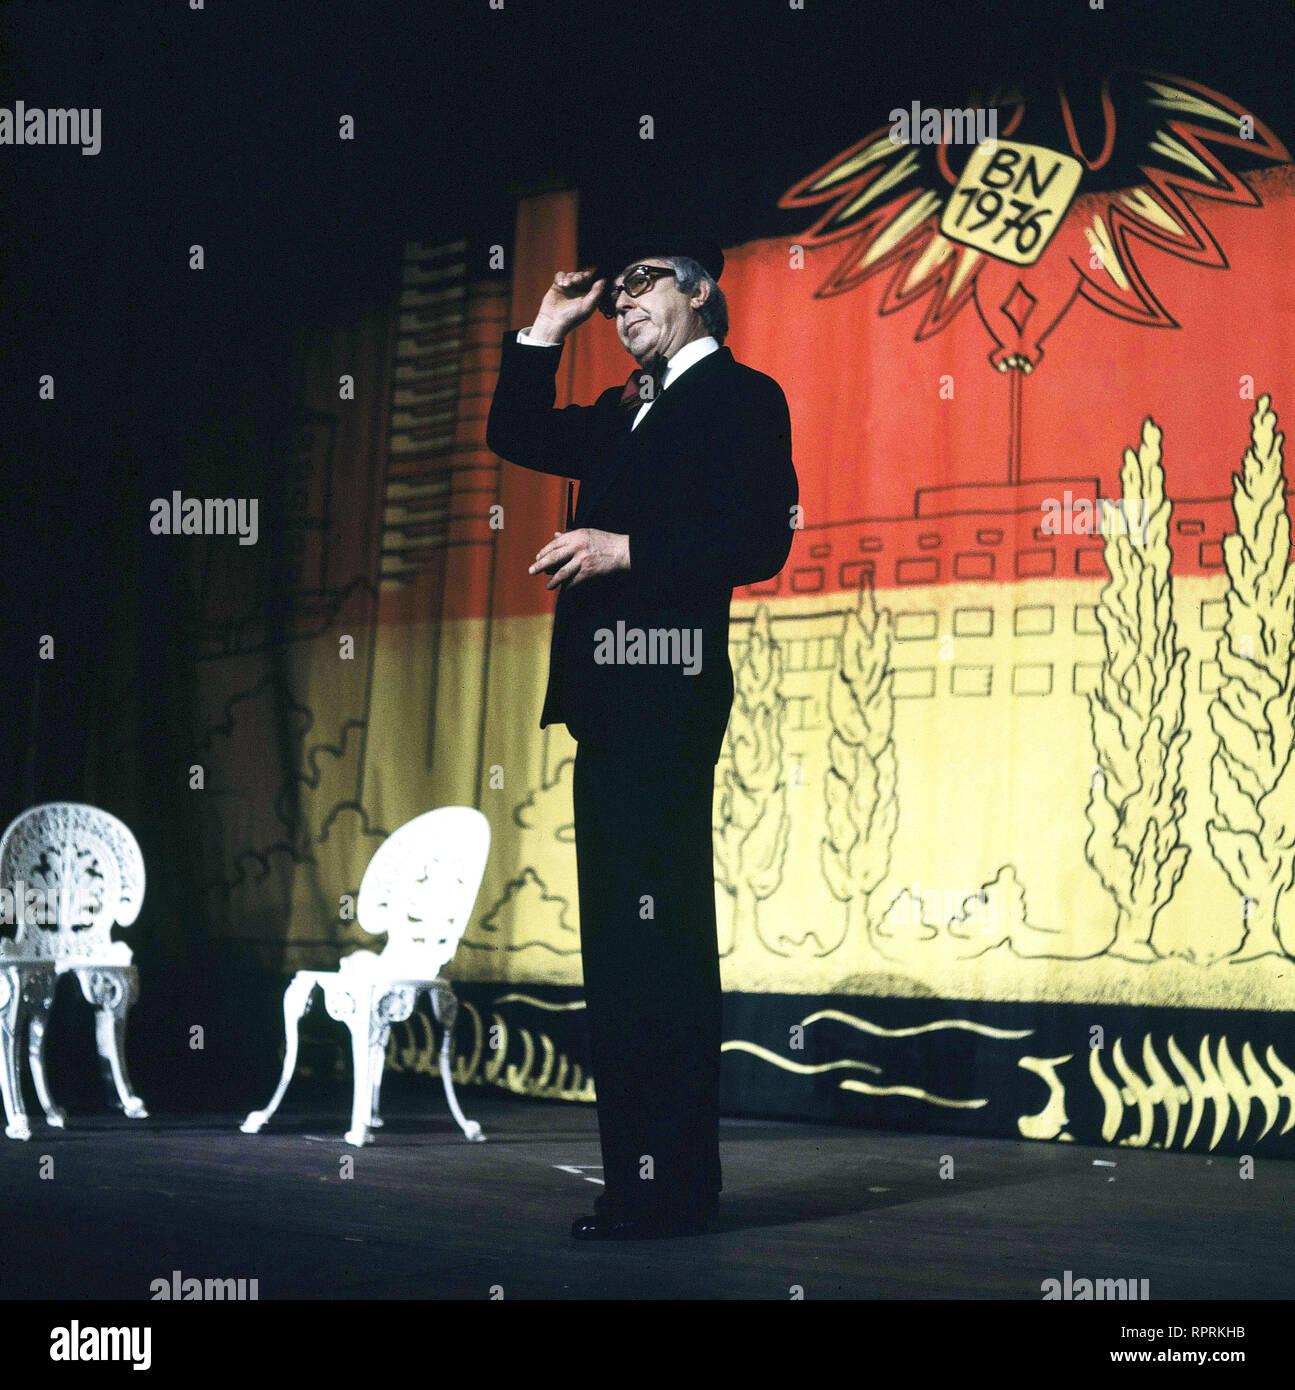 WOLFGANG GRUNER / Ausschnitte aus dem Programm des Berliner Kabaretts 'Die Stachelschweine' aus dem Jahr 1967. Bild: WOLFGANG GRUNER  Grimm-0-60588 , 22kpaAnderem1 - Stock Image